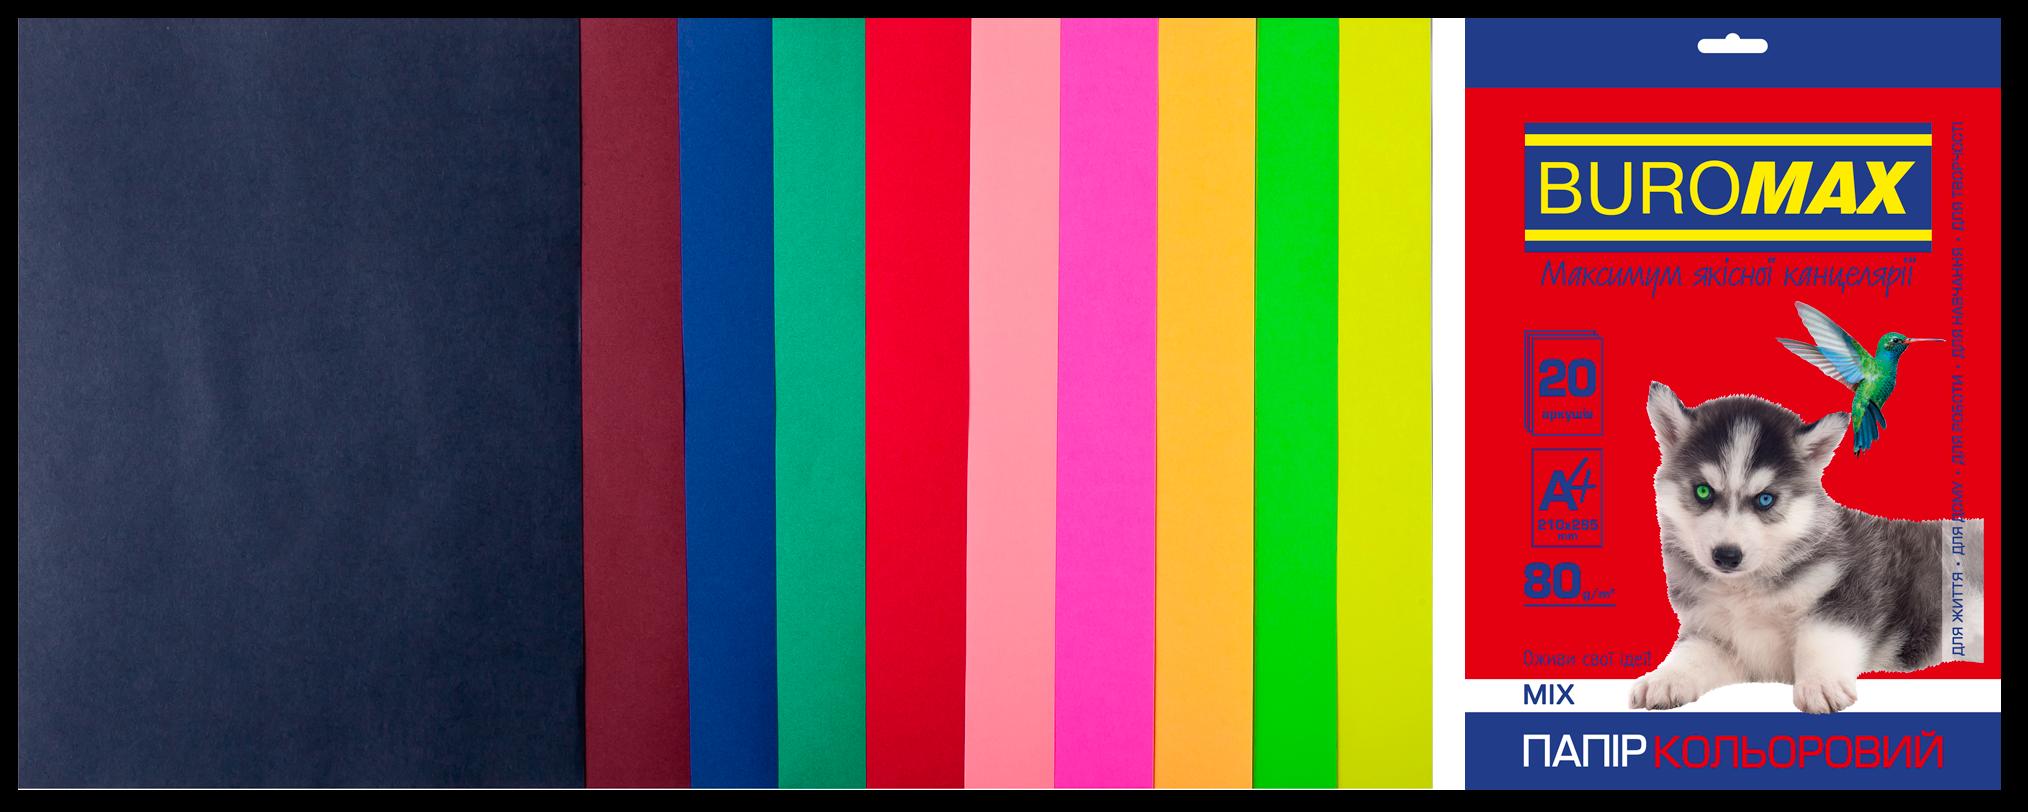 Набор цветной бумаги Buromax DARK+NEON А4, 80 г/м2, 20 листов, ассорти